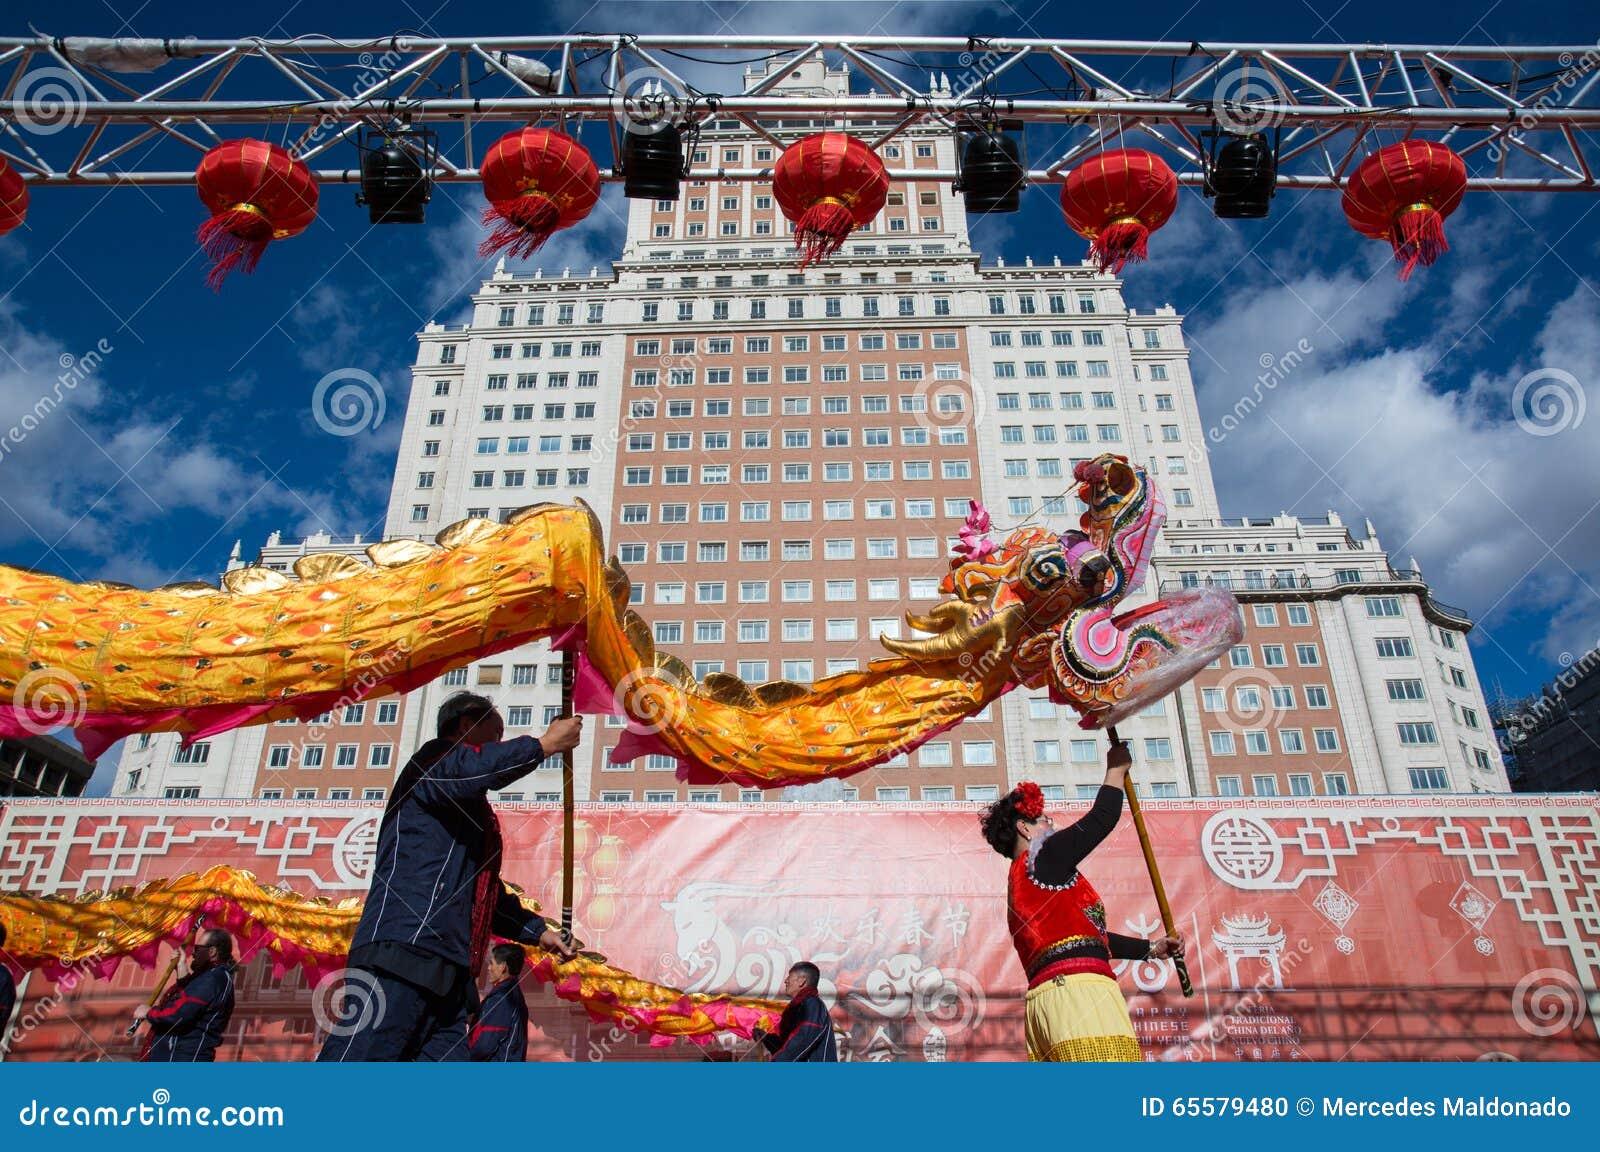 02/21/2015, Madri, Espanha Dança do dragão no ano novo chinês